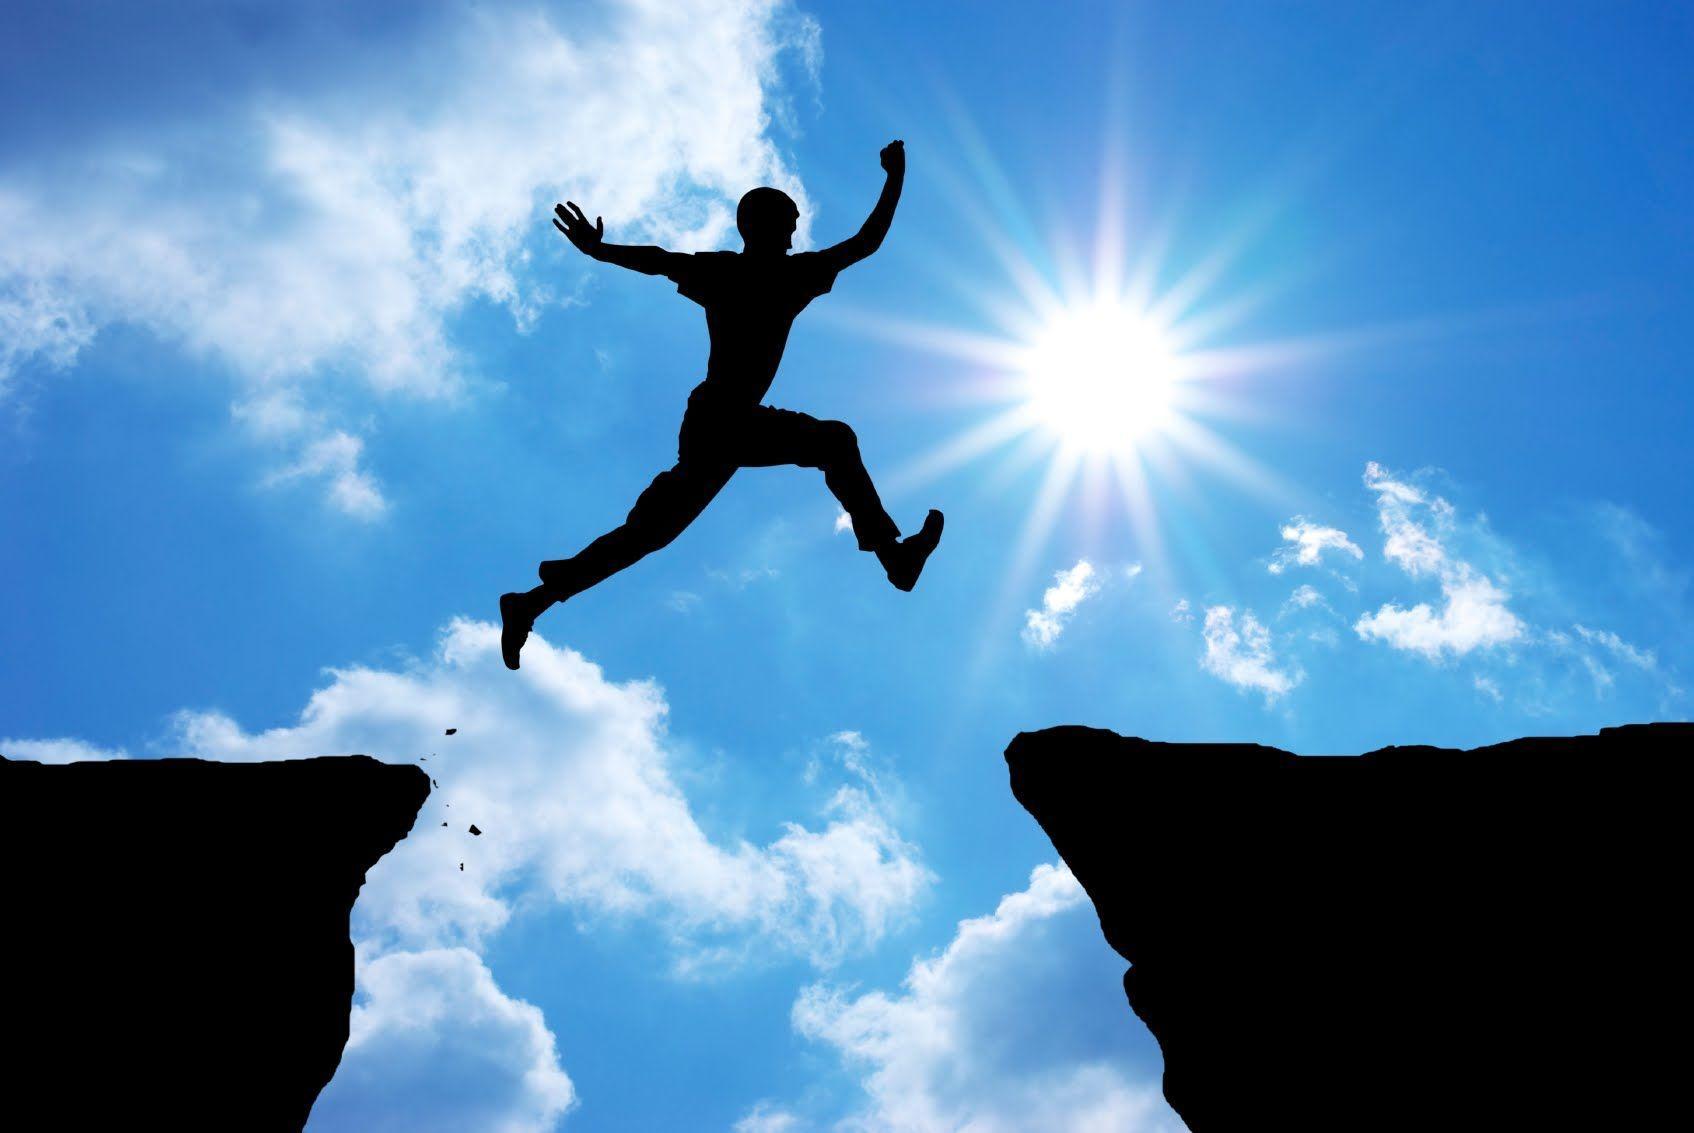 12-frases-motivacionales-para-lograr-tus-metas-este-2015.jpg